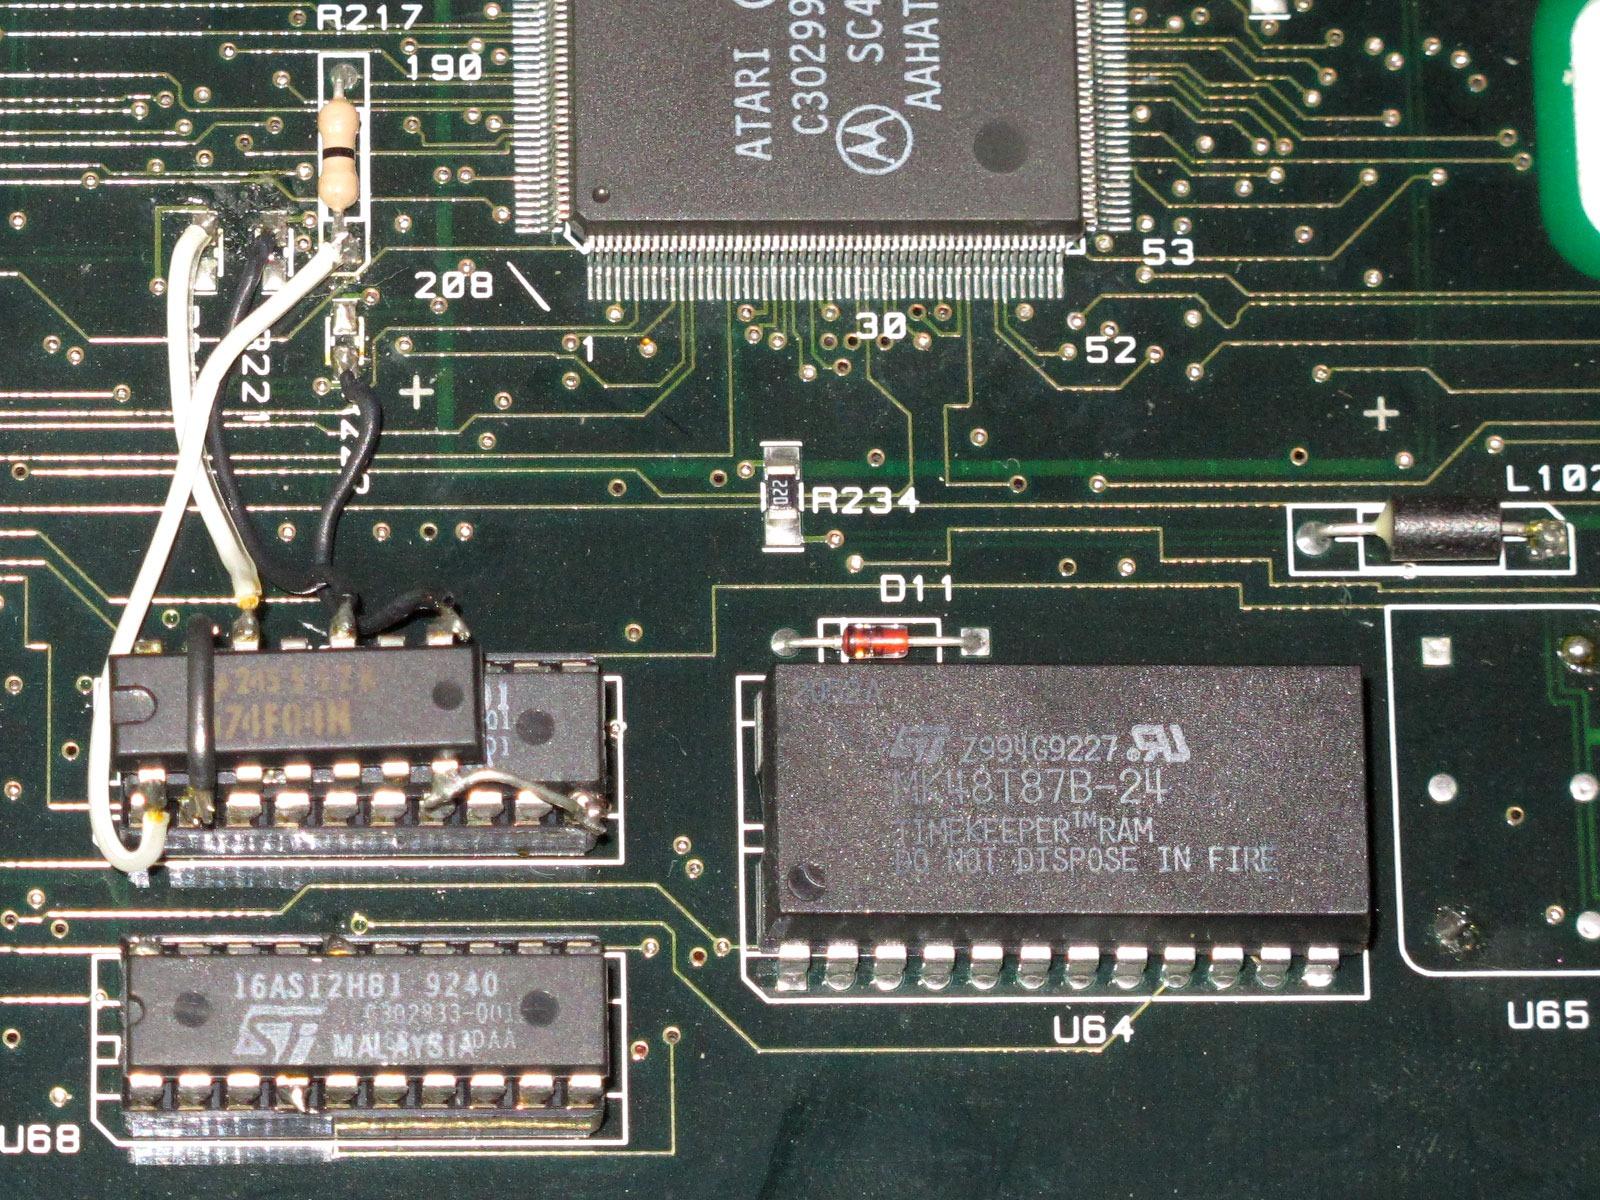 Bateriová náhrada RTC a NVRAM obvodu DS12887 (MK48T87